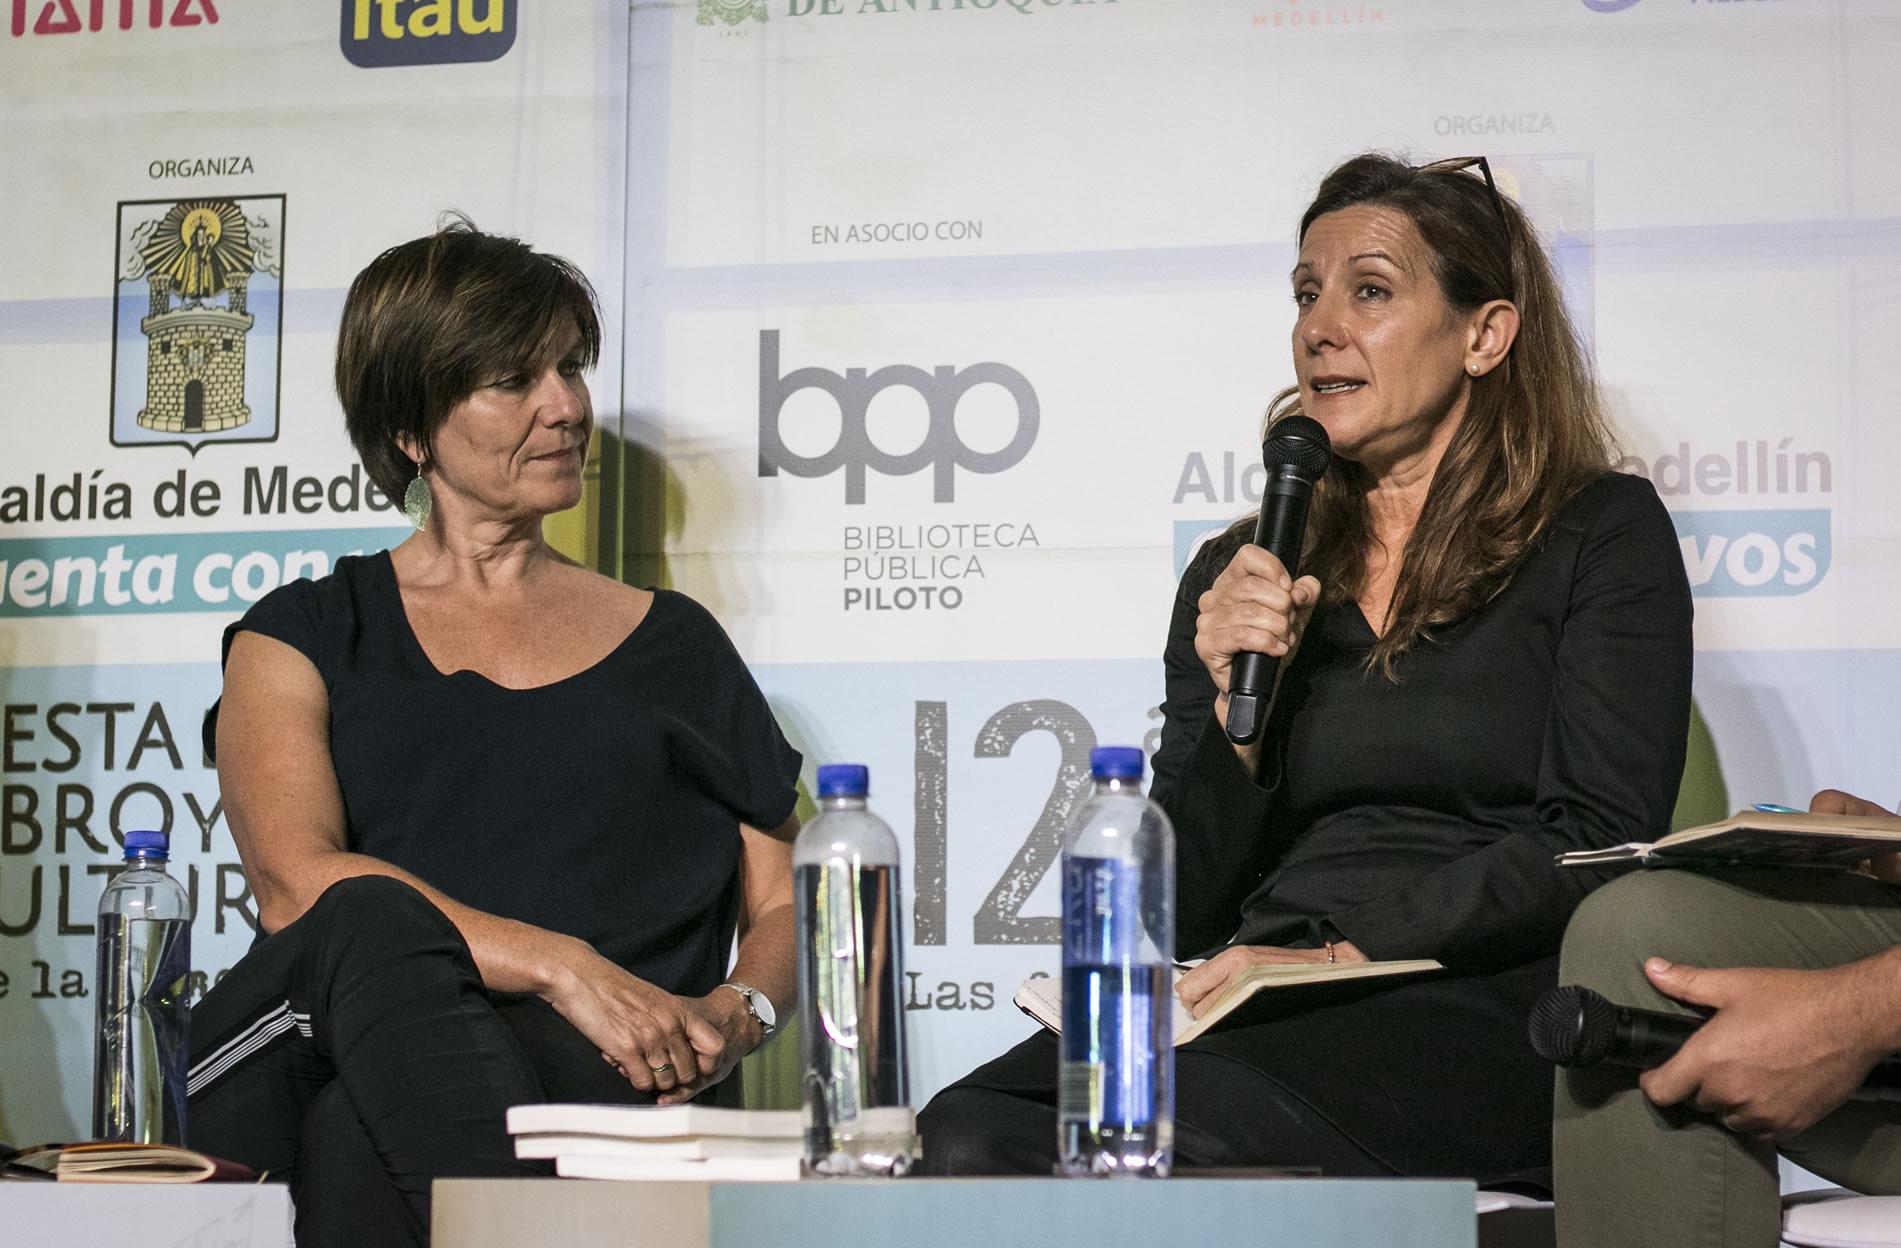 Granta publicará en 2020 una nueva selección de los mejores narradores jóvenes en español